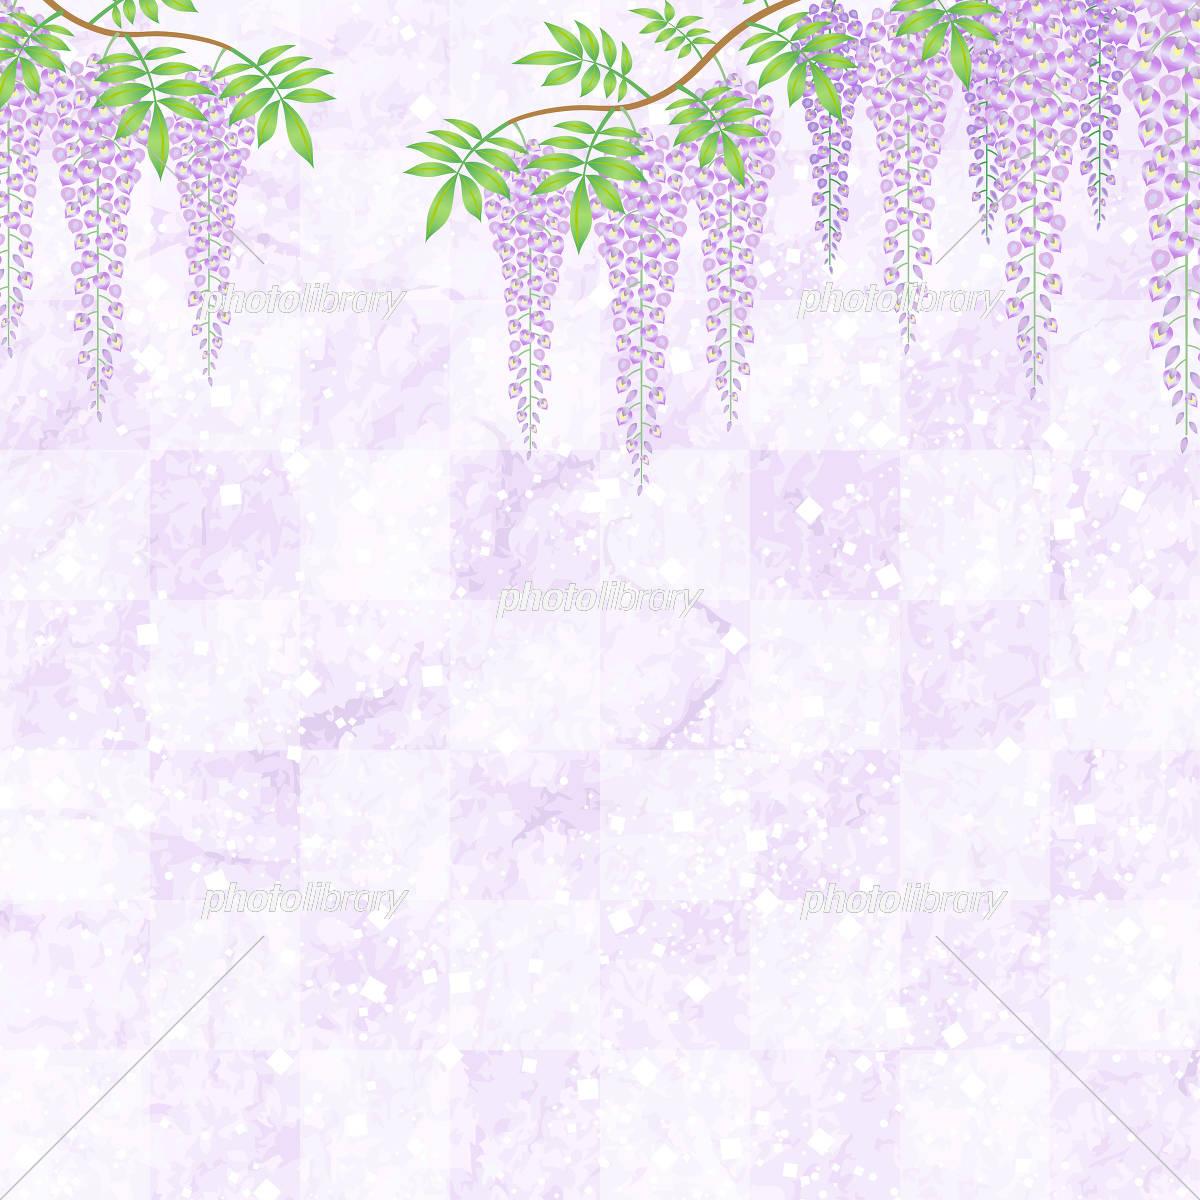 ふじ 藤 背景 素材 イラスト素材 [ 5329631 ] - フォトライブラリー